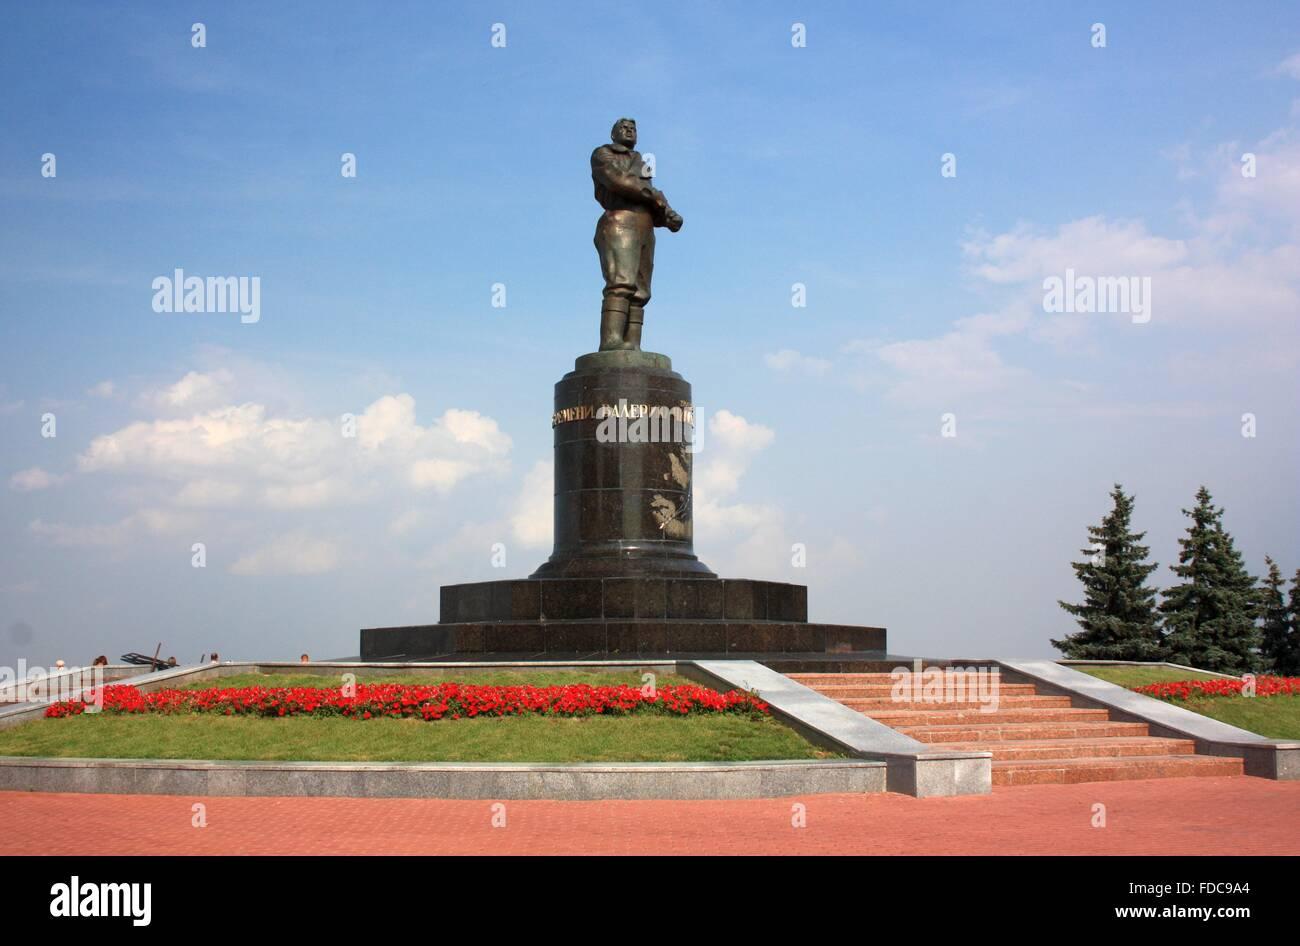 Monument to airman Valery Chkalov Monument in Nizhny Novgorod. Russia, Nizhny Novgorod - Stock Image